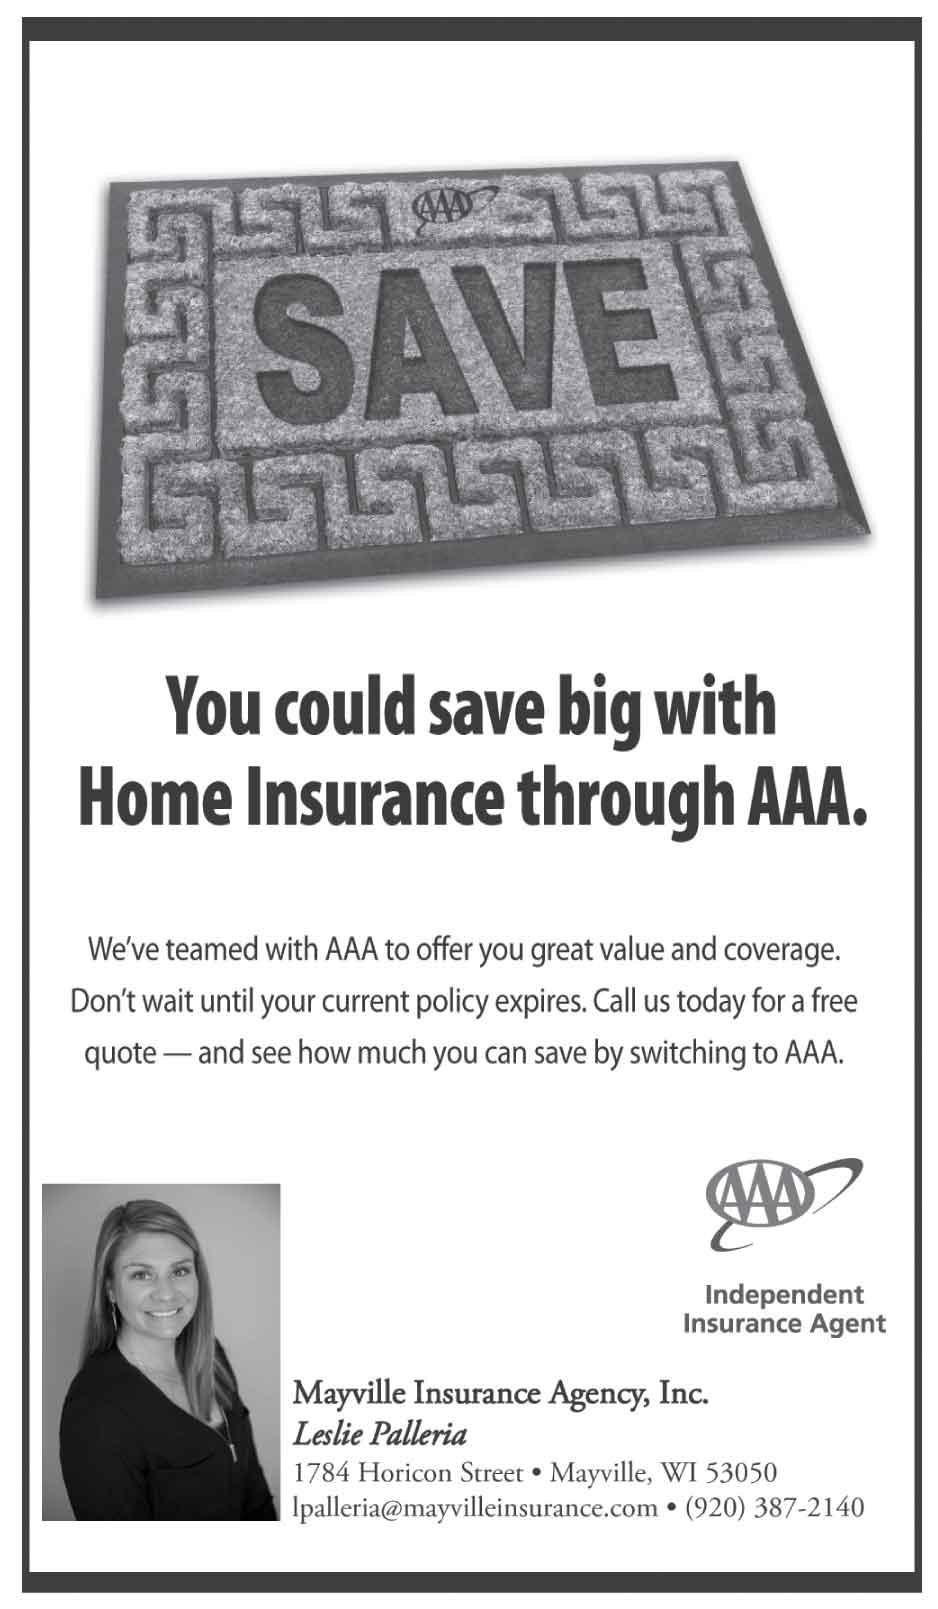 Mayville Insurance